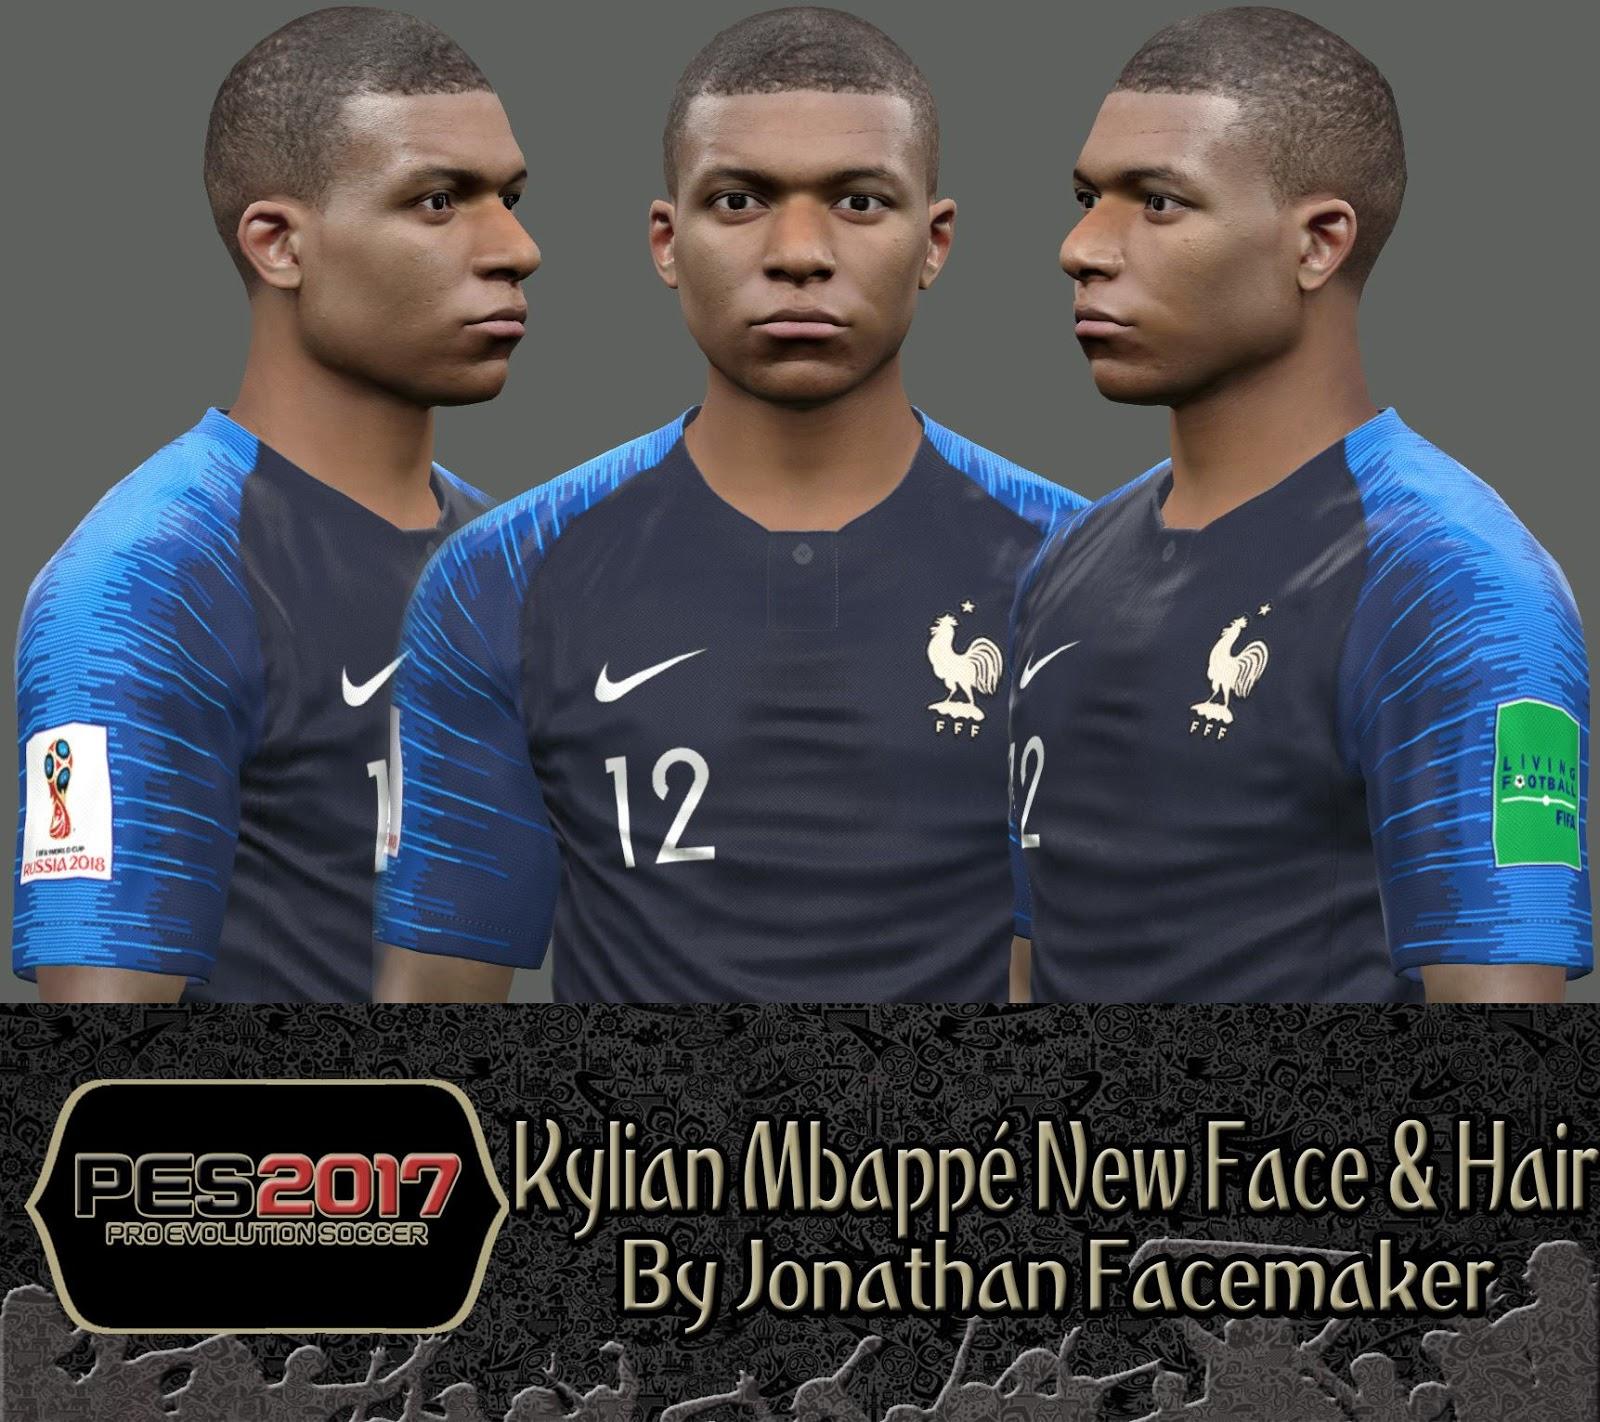 PES 2017 Kylian Mbappé New Face & Hair